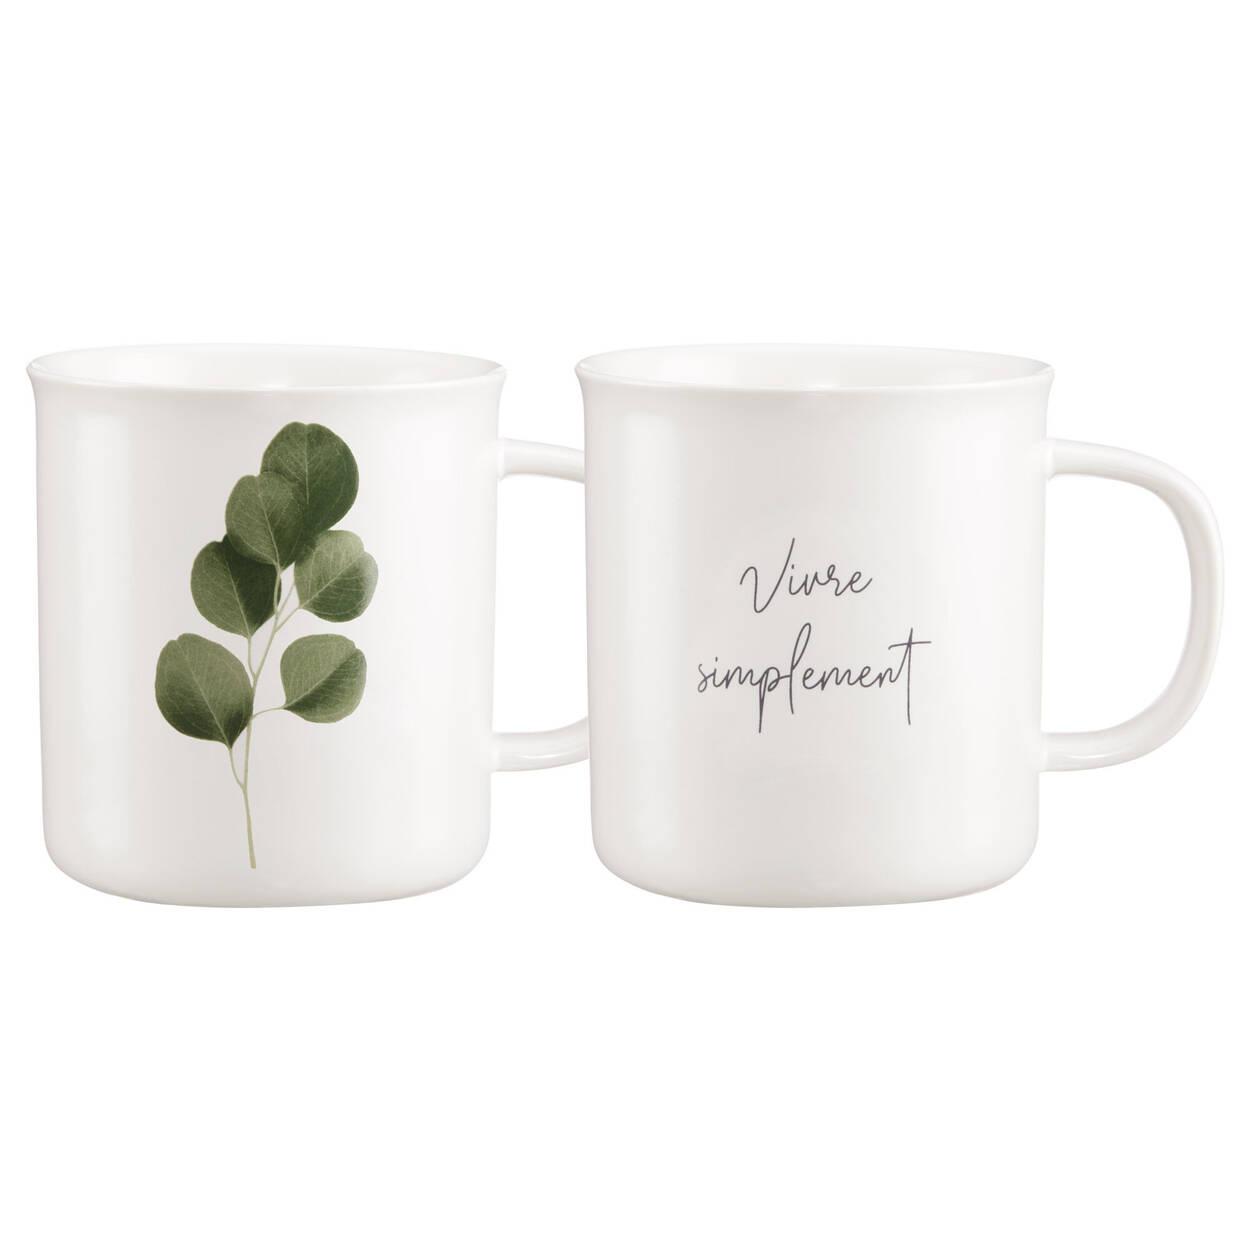 Ensemble de 2 tasses eucalyptus et message anglais